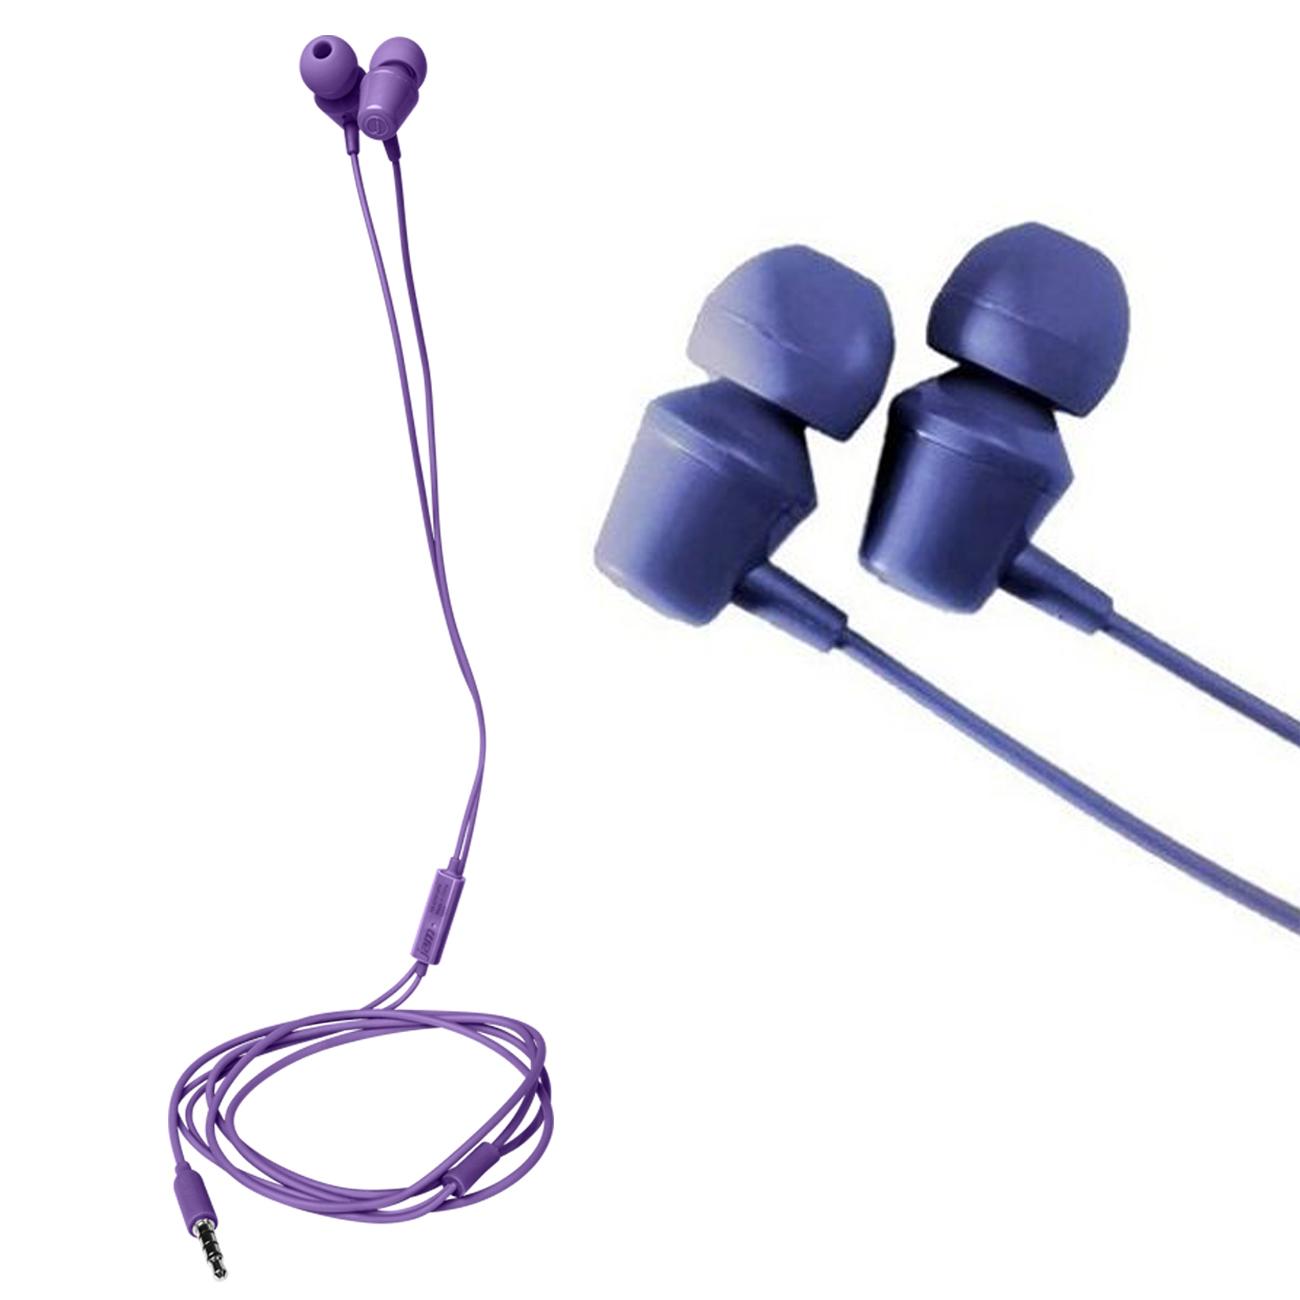 Fone de ouvido intra auricular com fio e microfone Jam Roxo  - BRIGHT